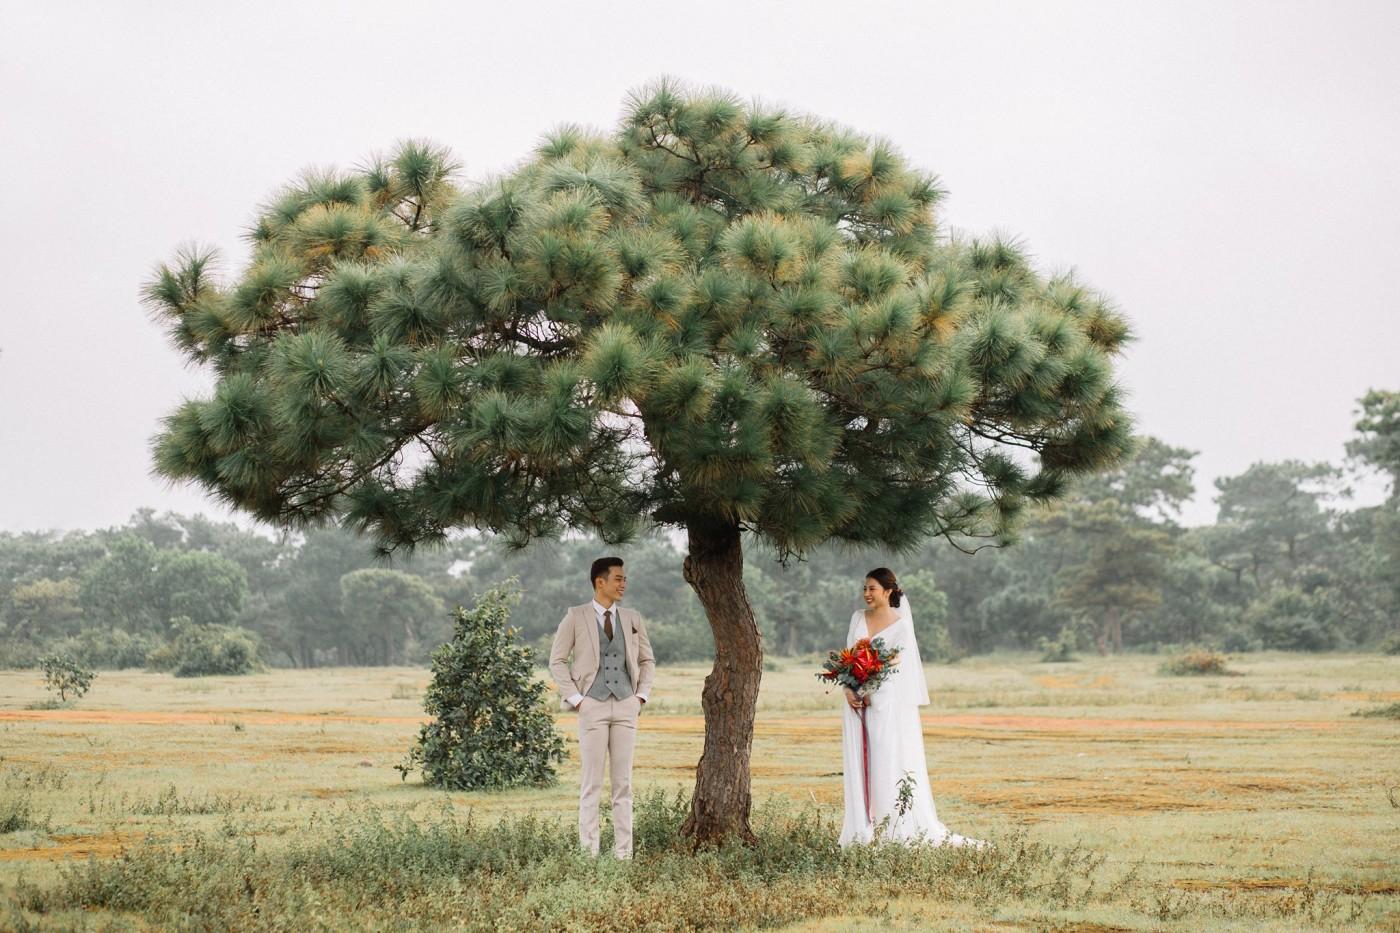 Cùng ngắm những bức ảnh đẹp đến mệt xỉu của cặp đôi chụp tại Gia Lai